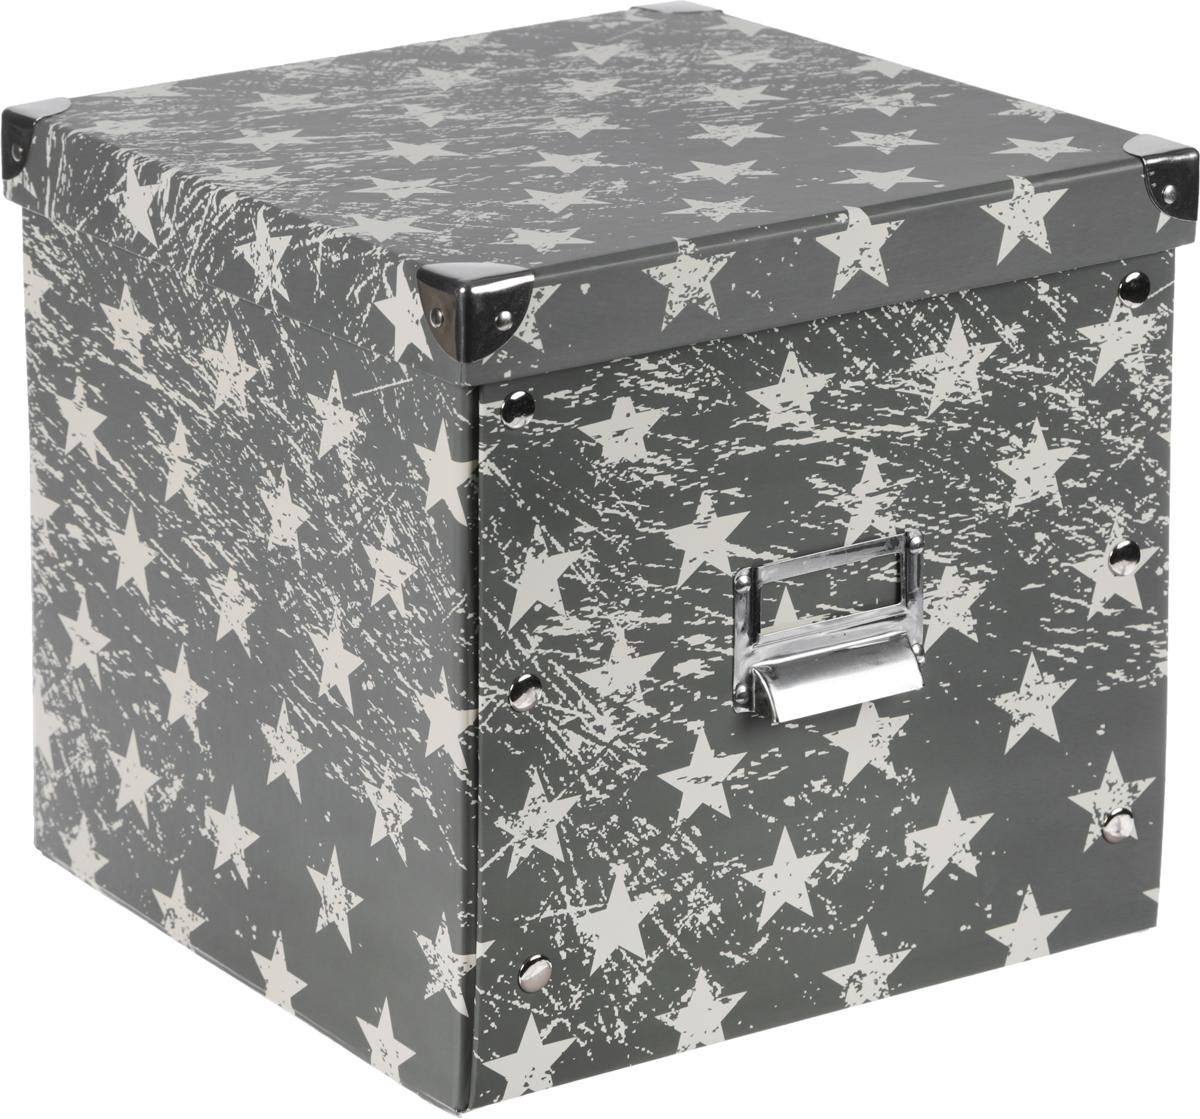 Коробка для хранения, складная, цвет: хаки, бежевый, 28 х 28 х 27 смLS-1055 AAКоробкадля хранения изготовлена из высококачественного плотного картонаи оформлена оригинальным принтом. Она предназначена для хранения различных мелочей. Изделие легко собирается с помощью металлических креплений и не занимает много места. Такая коробка для хранения идеальное решение для аккуратного хранения различных ниток, канцелярских товаров.Размер коробки (в собранном виде): 28 х 28 х 27 см.